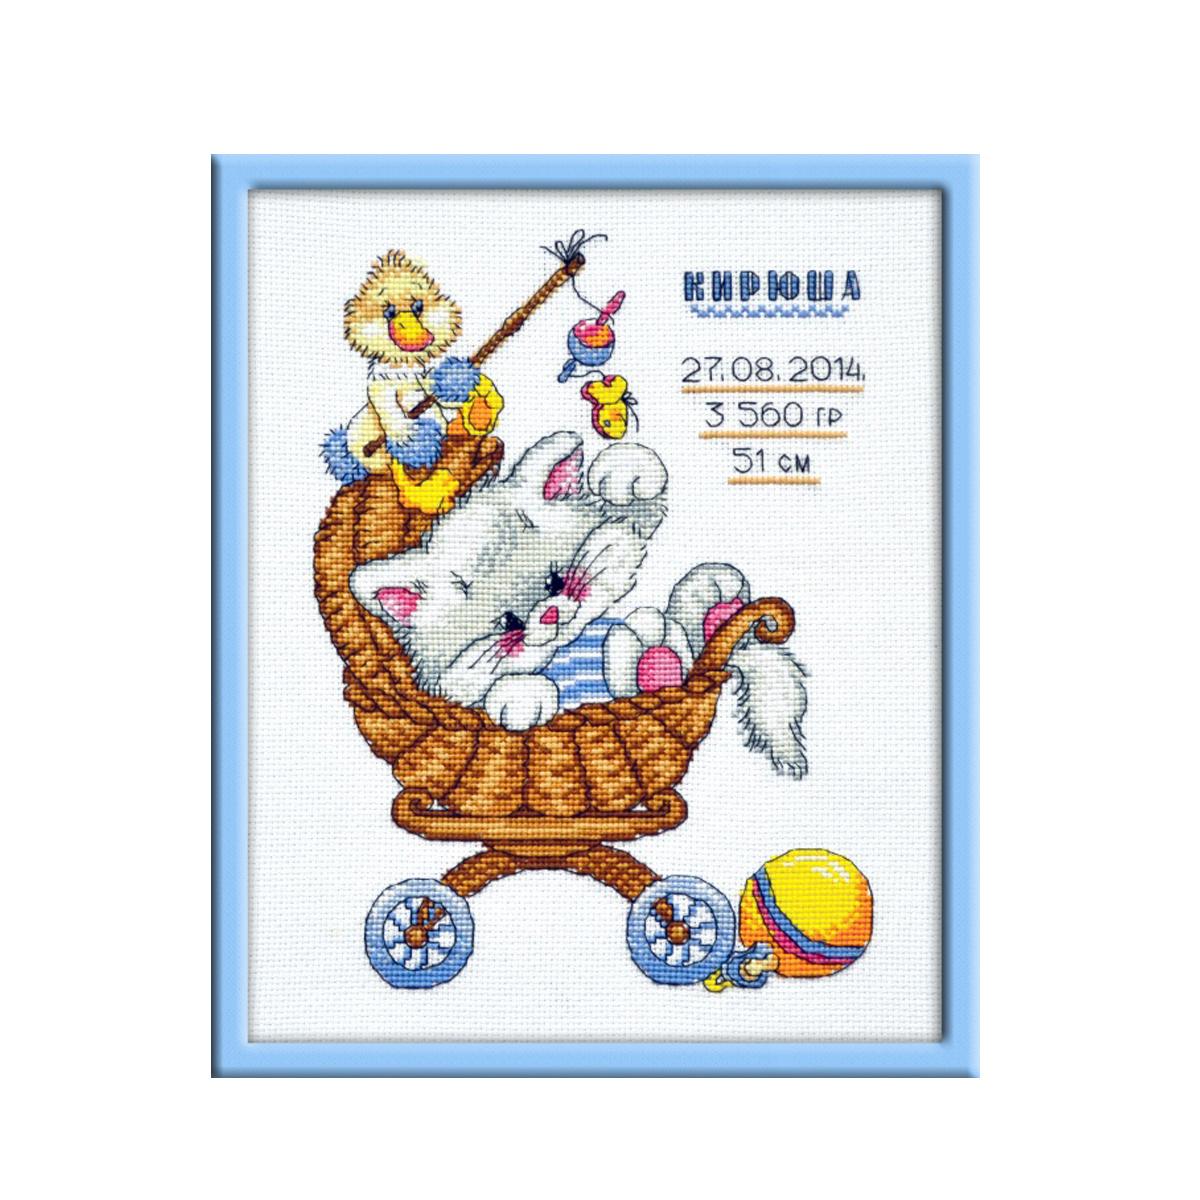 Набор для вышивания крестом Овен Метрика. Котенок, 18 х 25 см485332В состав набора входит: мулине хлопчатобумажные 14 цветов, игла, канва Аида 14, цветная схема, инструкция. Вышивается в 3 нити. Тип: Счетный крест.